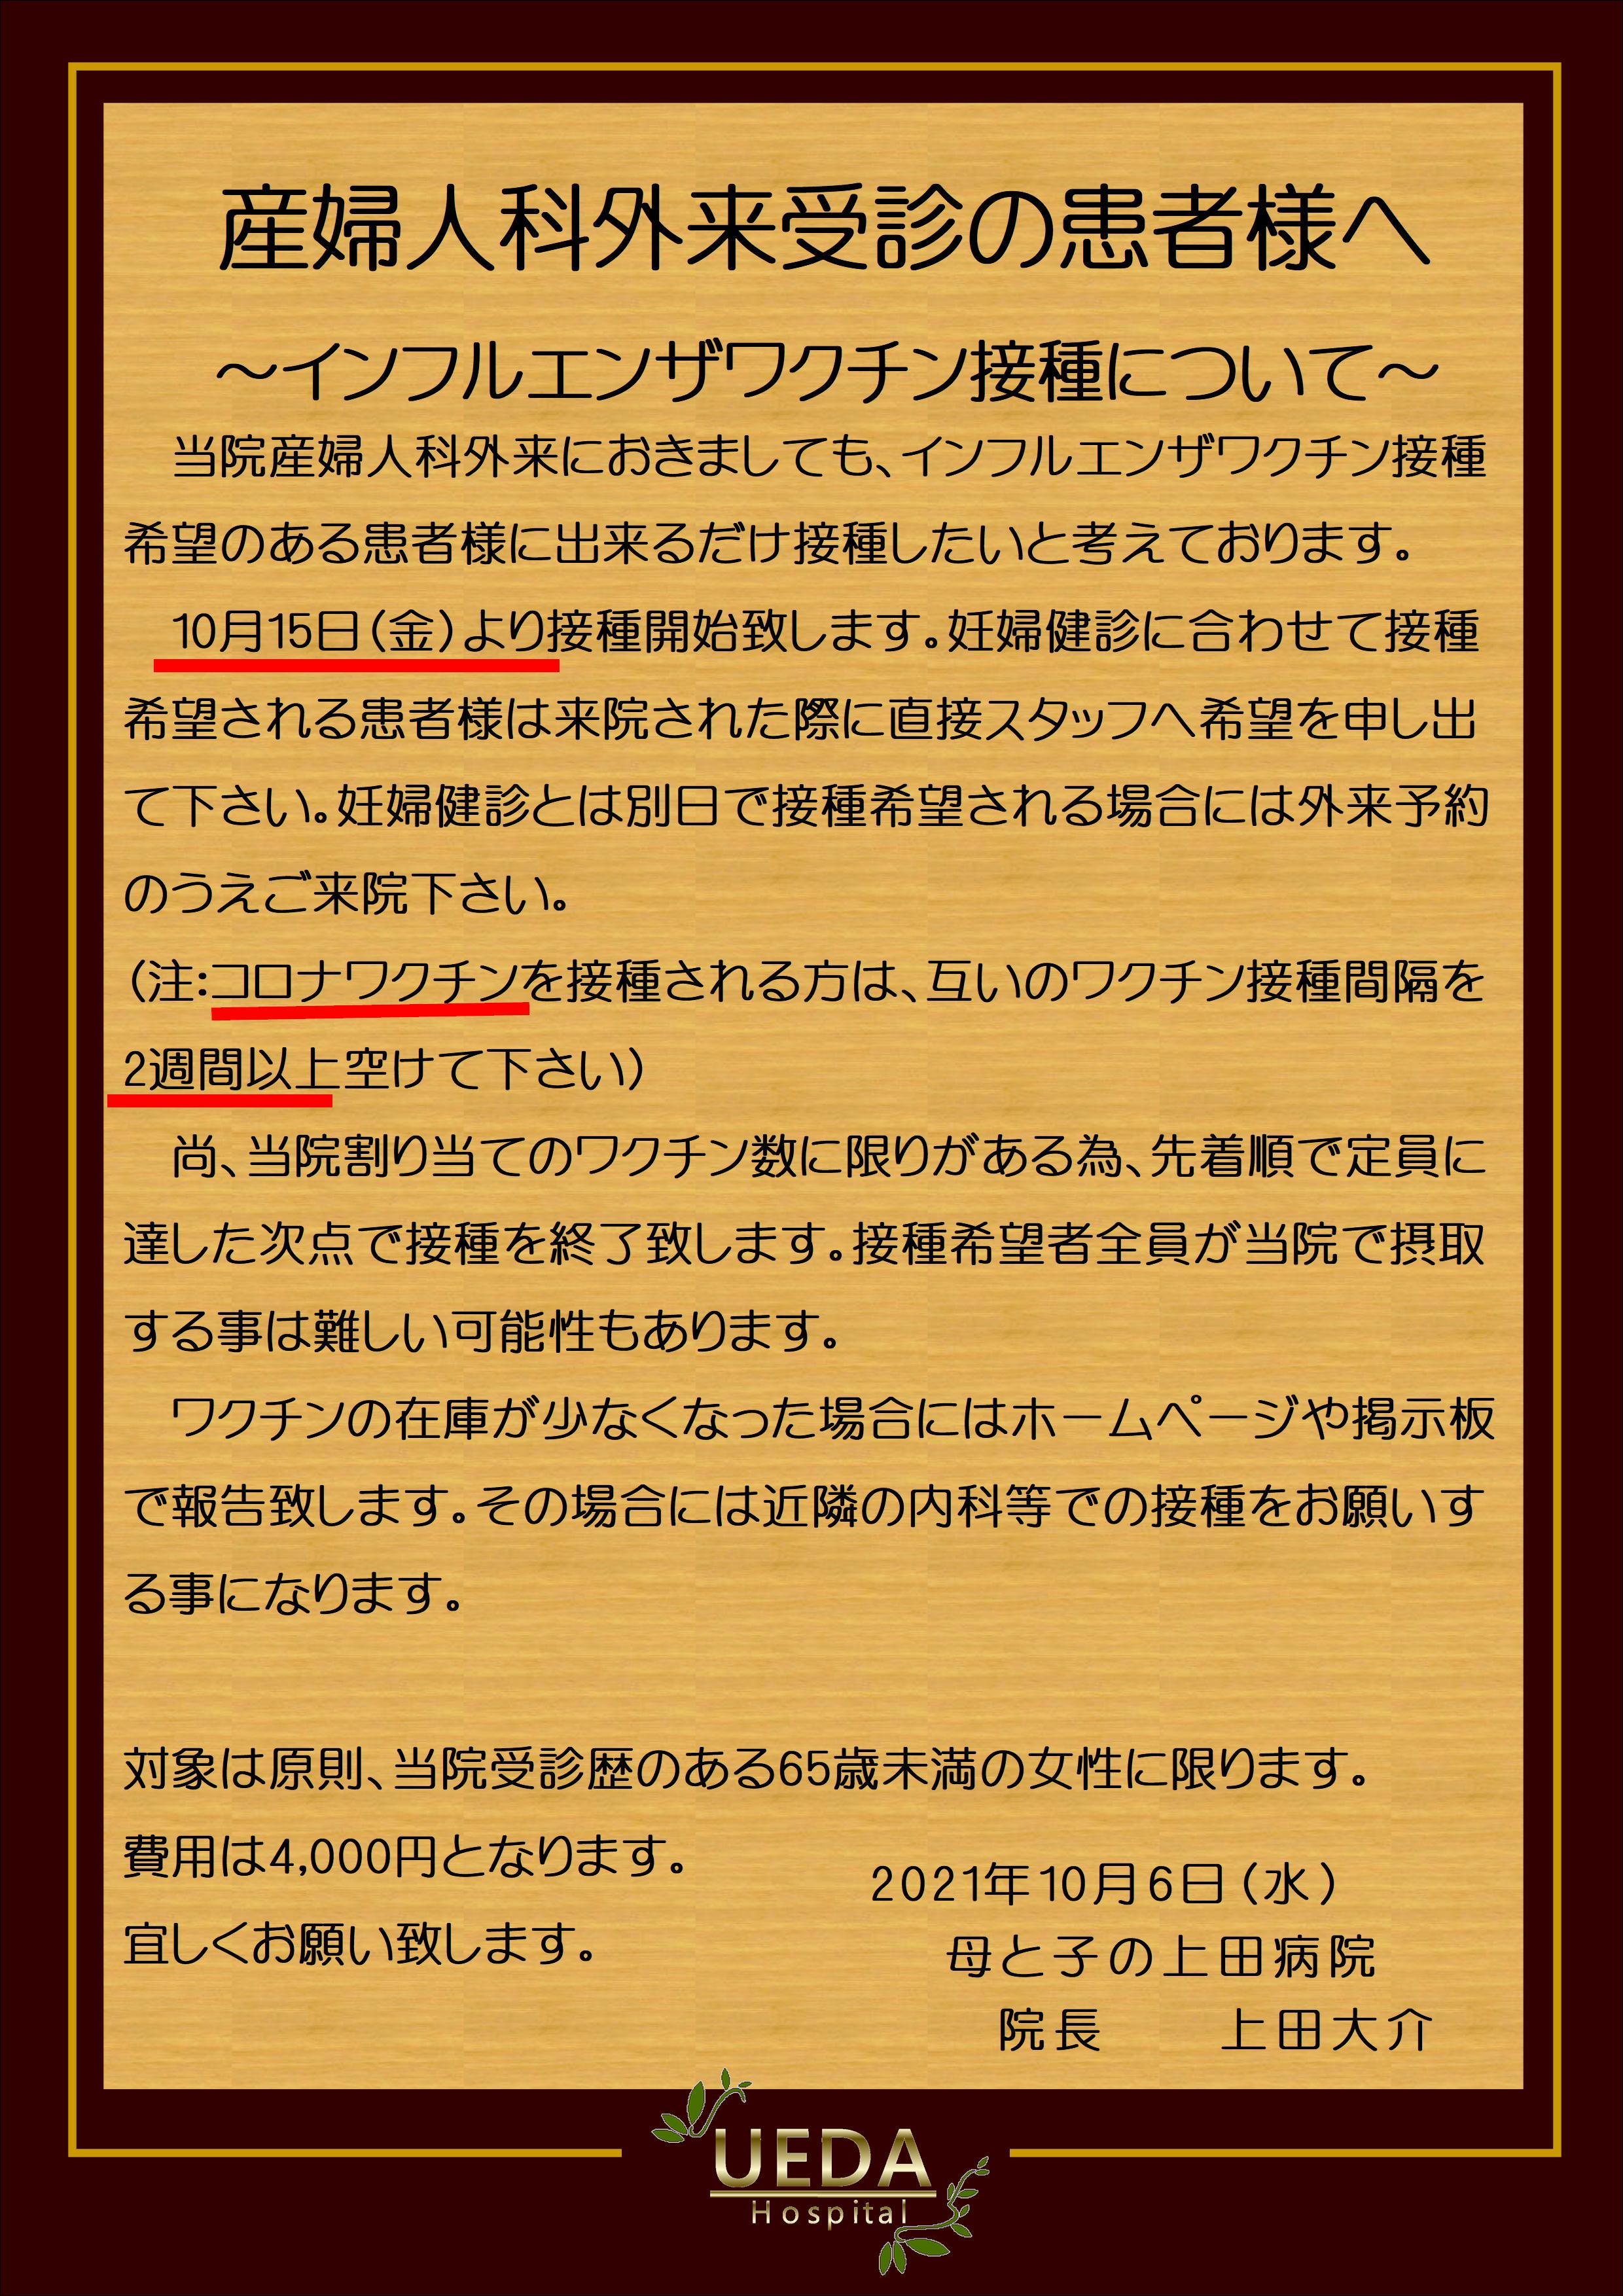 インフル開始10.15 正.JPG